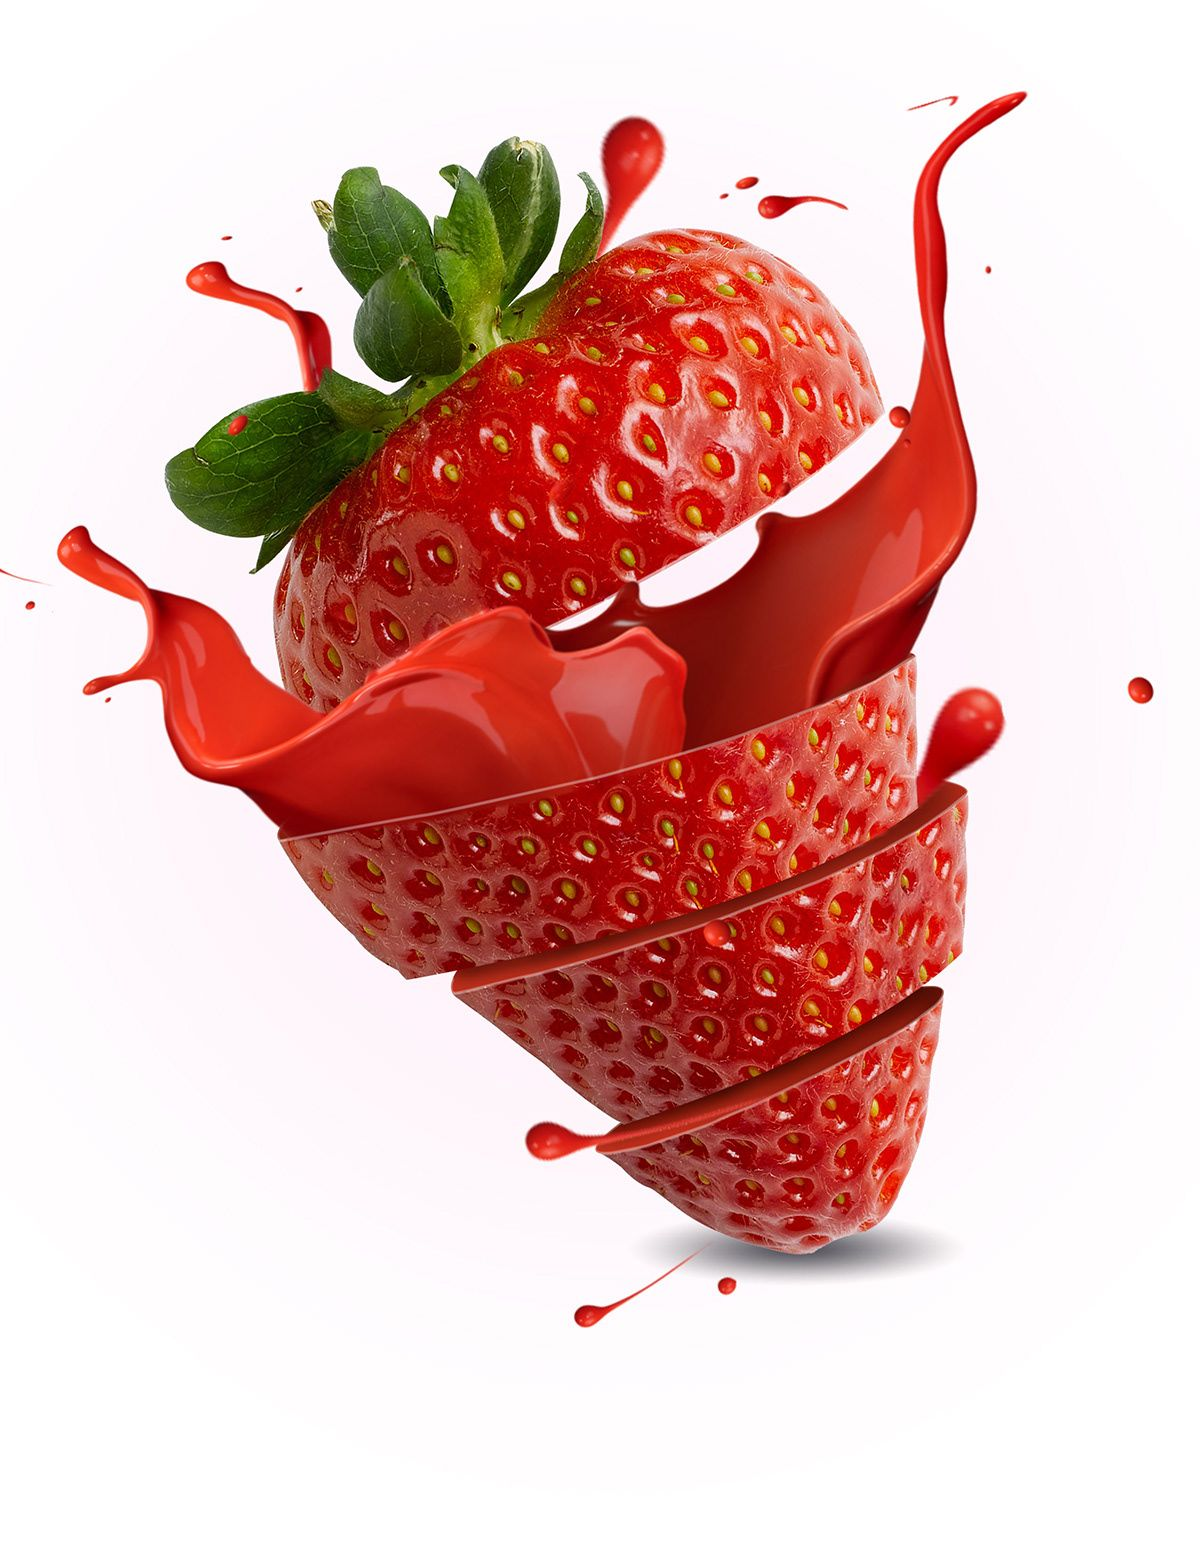 FRUIT SPLASH on Behance | Изображения фруктов, Клубника в ...